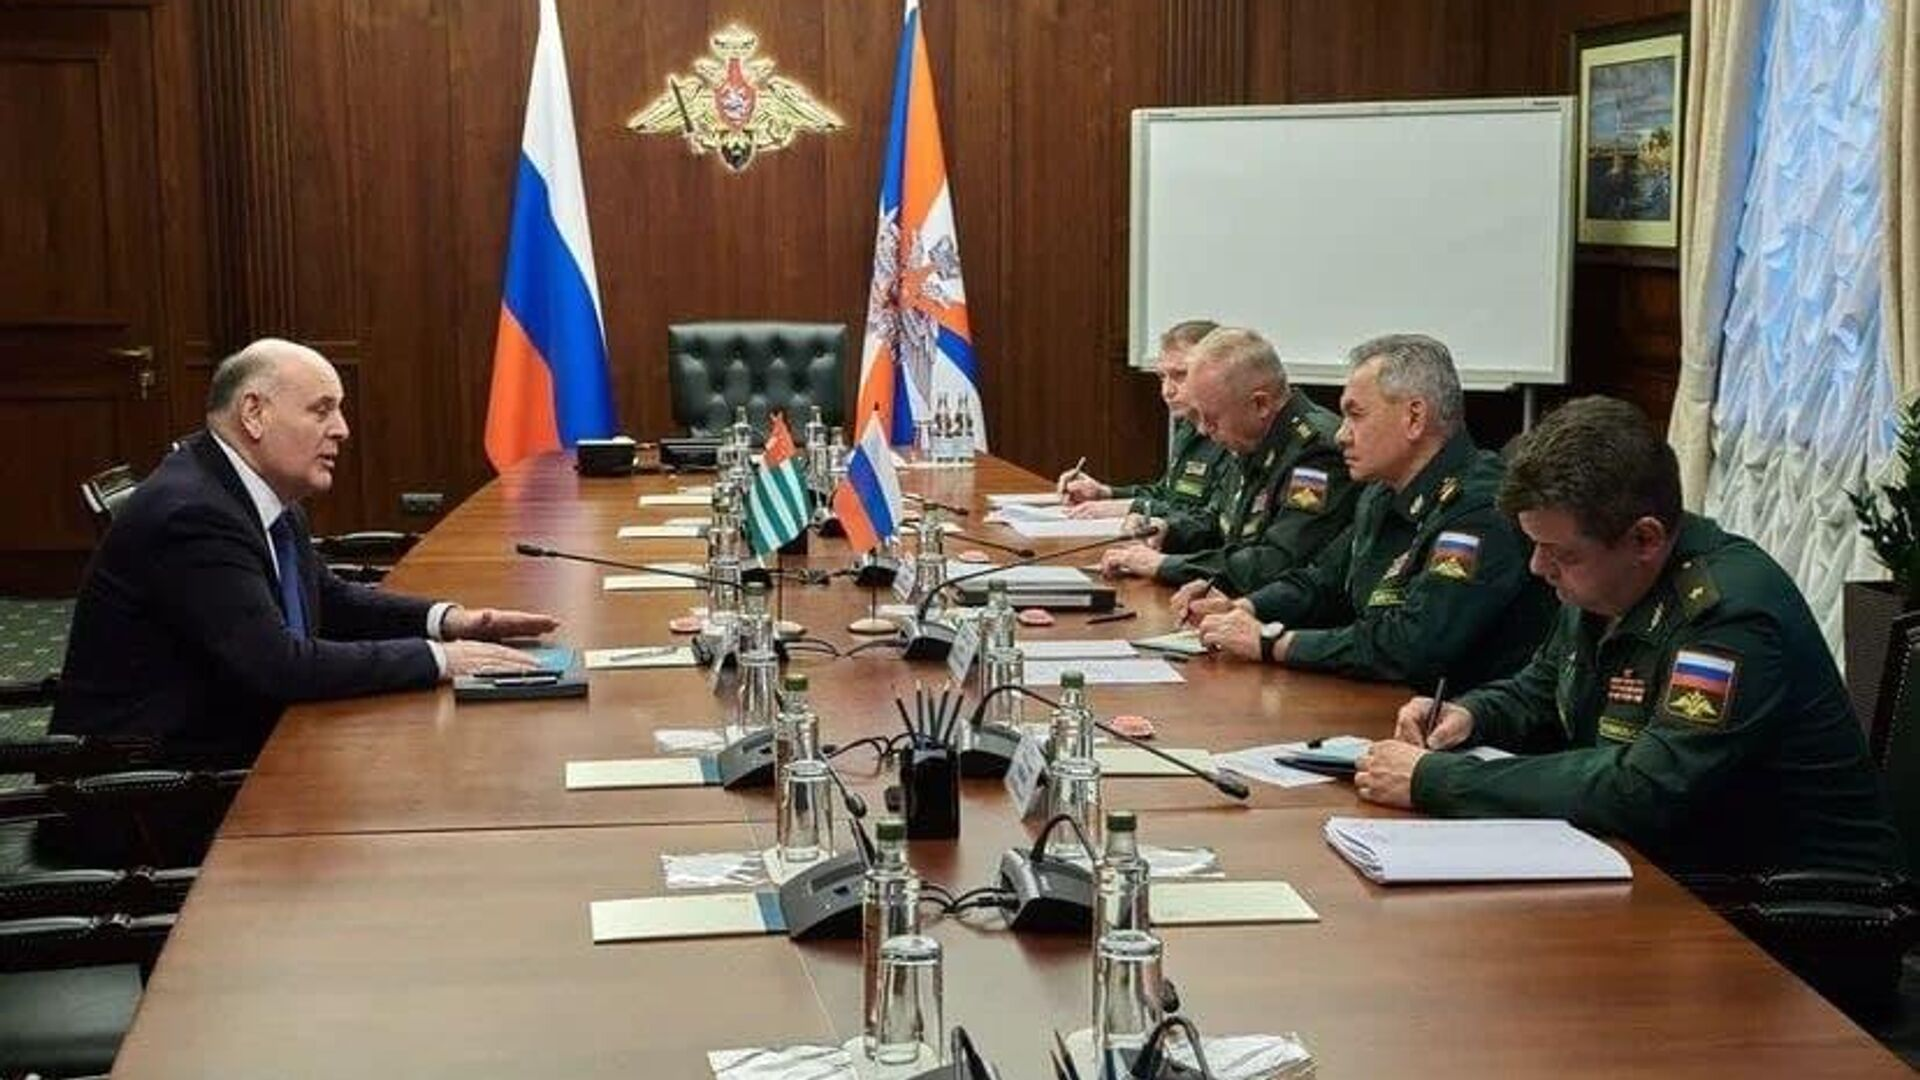 Аслан Бжания провел переговоры с министром обороны России Сергеем Шойгу - Sputnik Абхазия, 1920, 13.10.2021